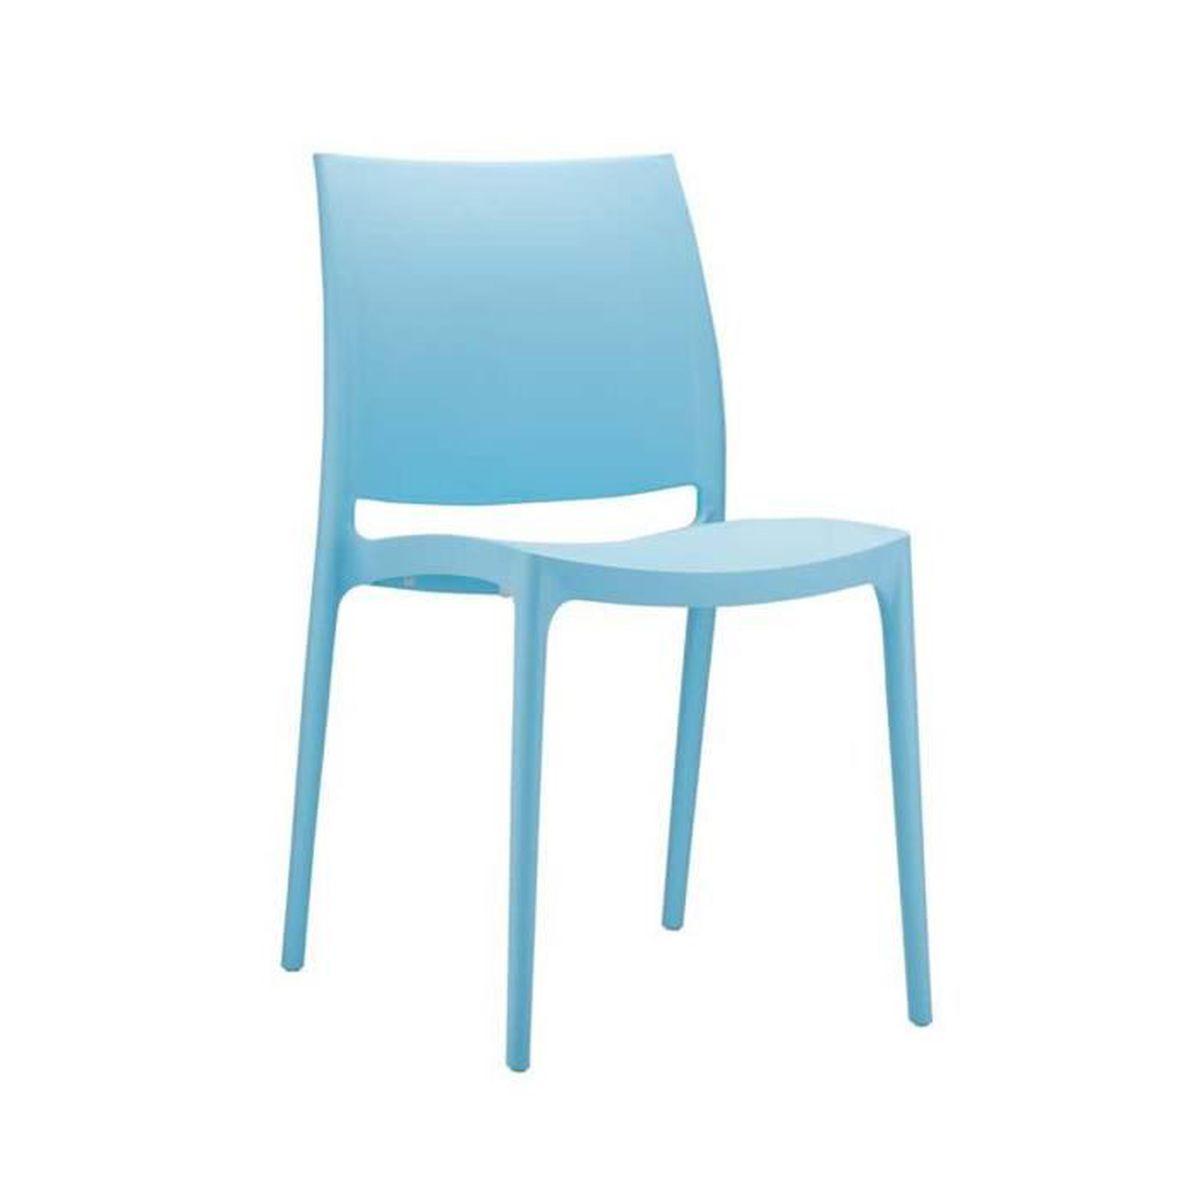 Chaise de jardin plastique bleu